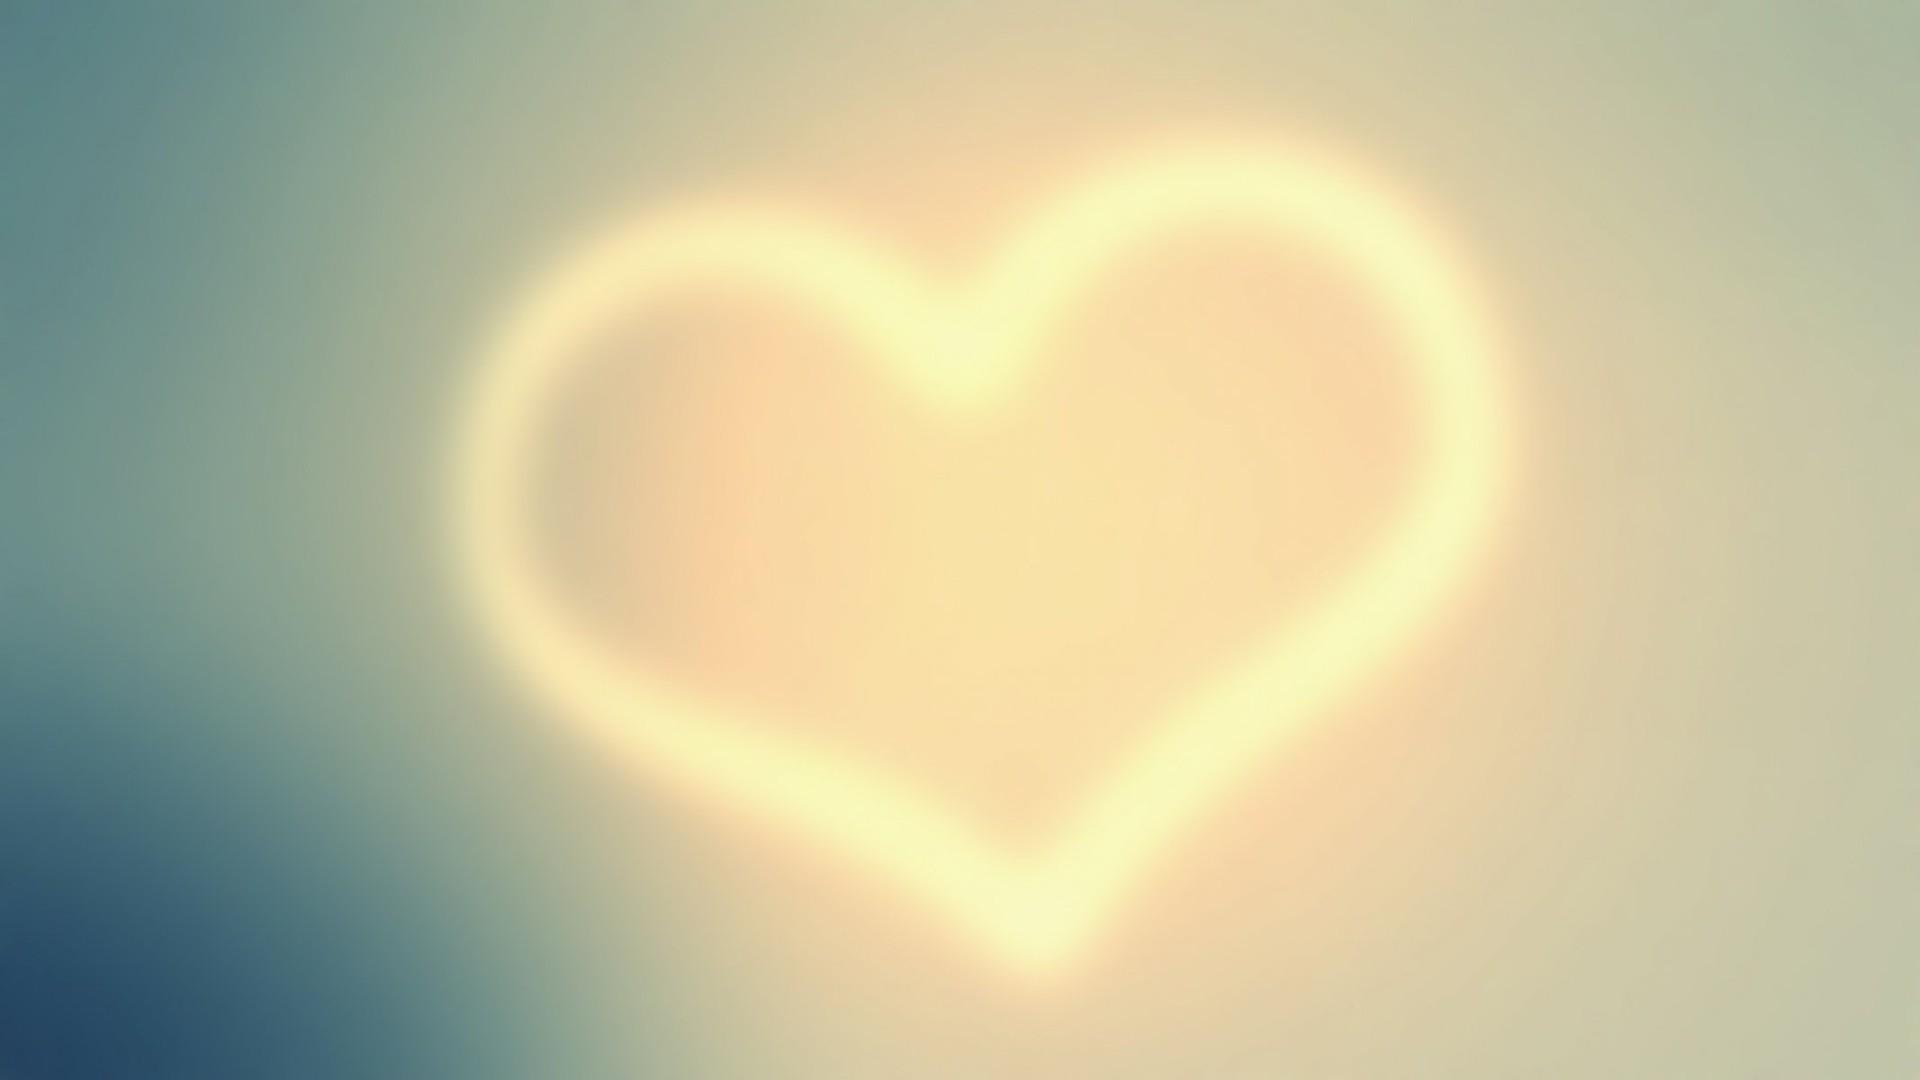 Hình ảnh trái tim mờ ảo